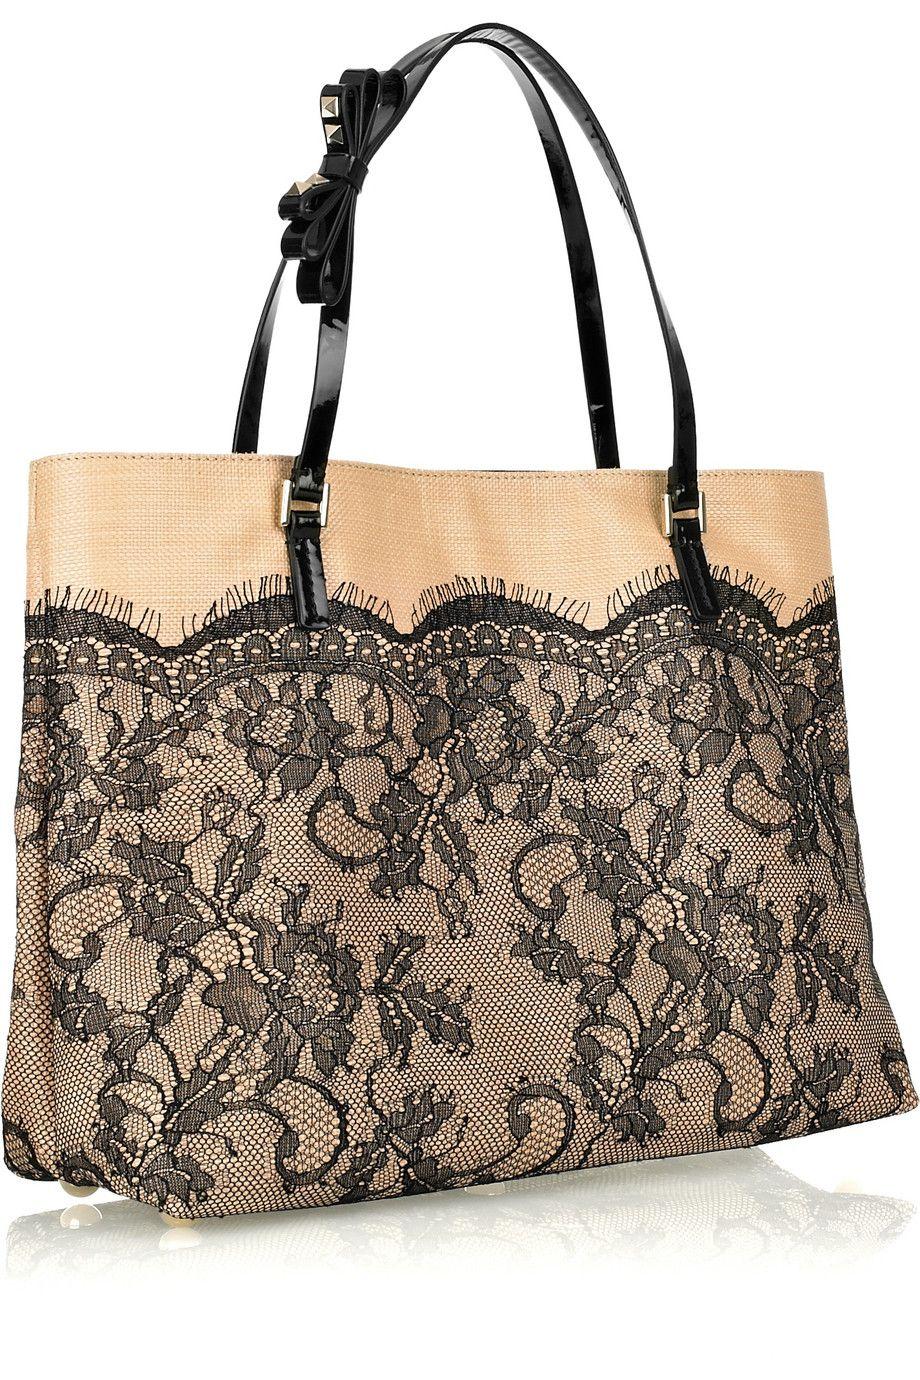 Valentino Raffia And Black Lace Tote Bag 1395